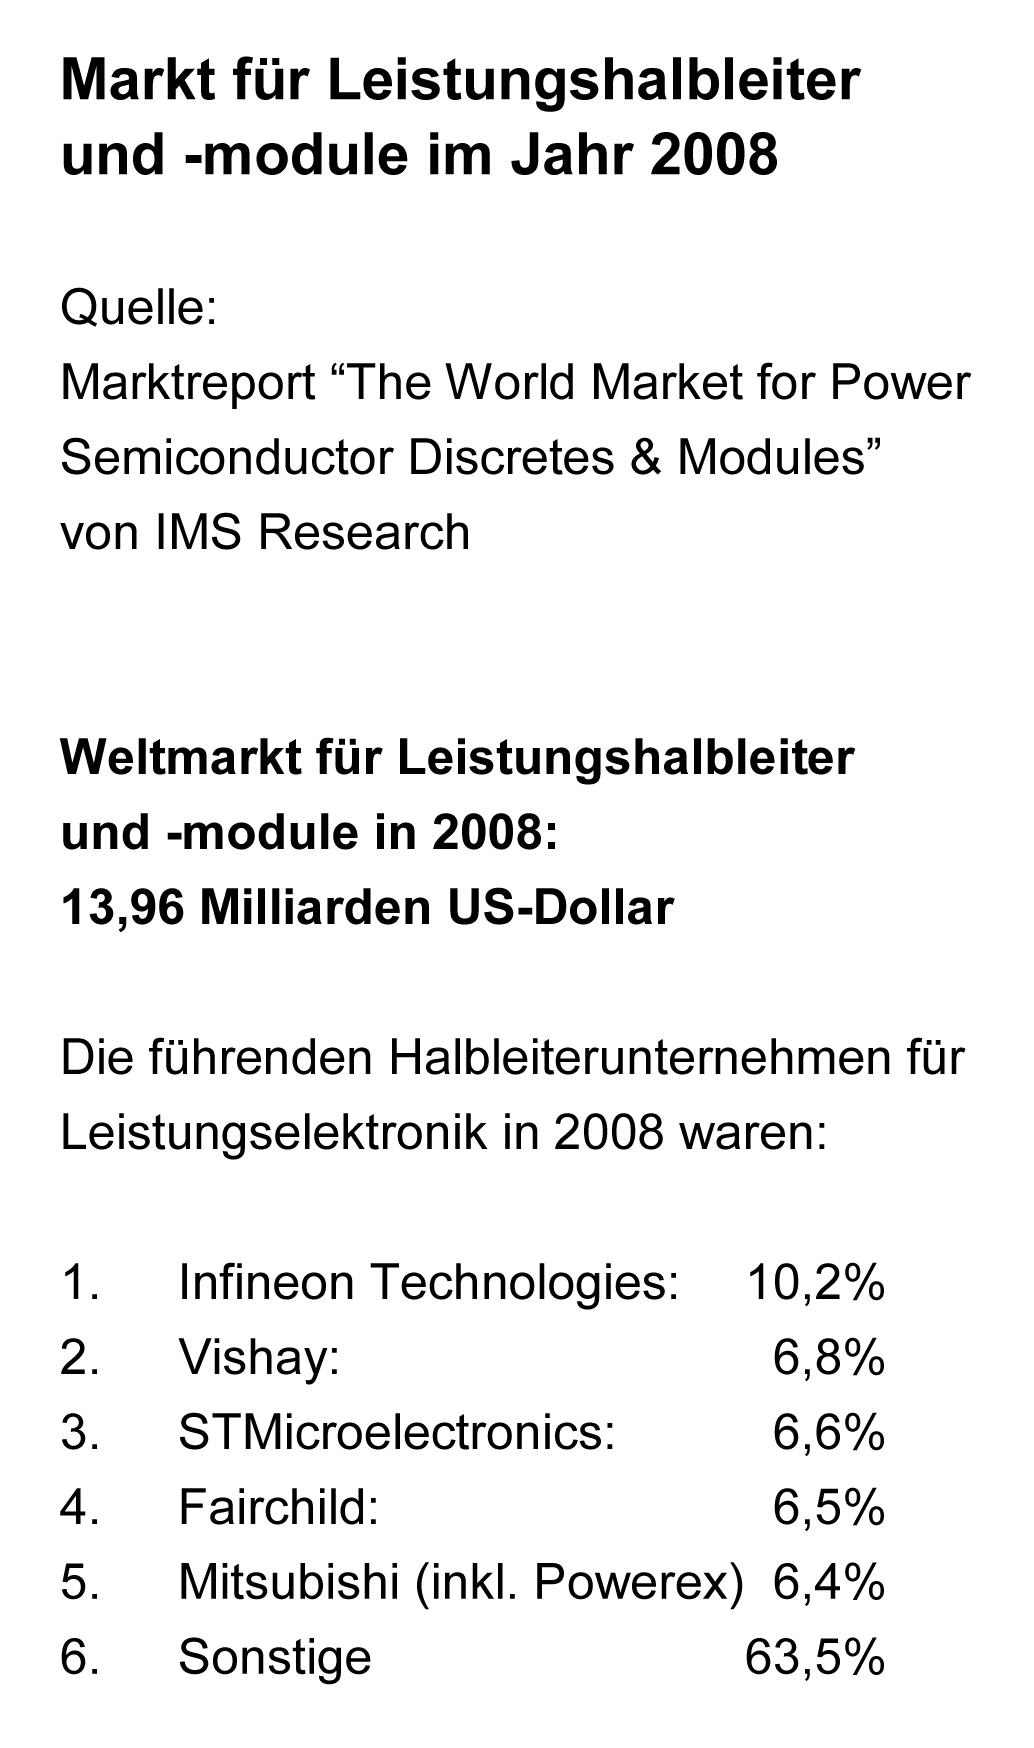 Infineon ist Nummer 1 bei Leistungshalbleitern und wächst erneut ...